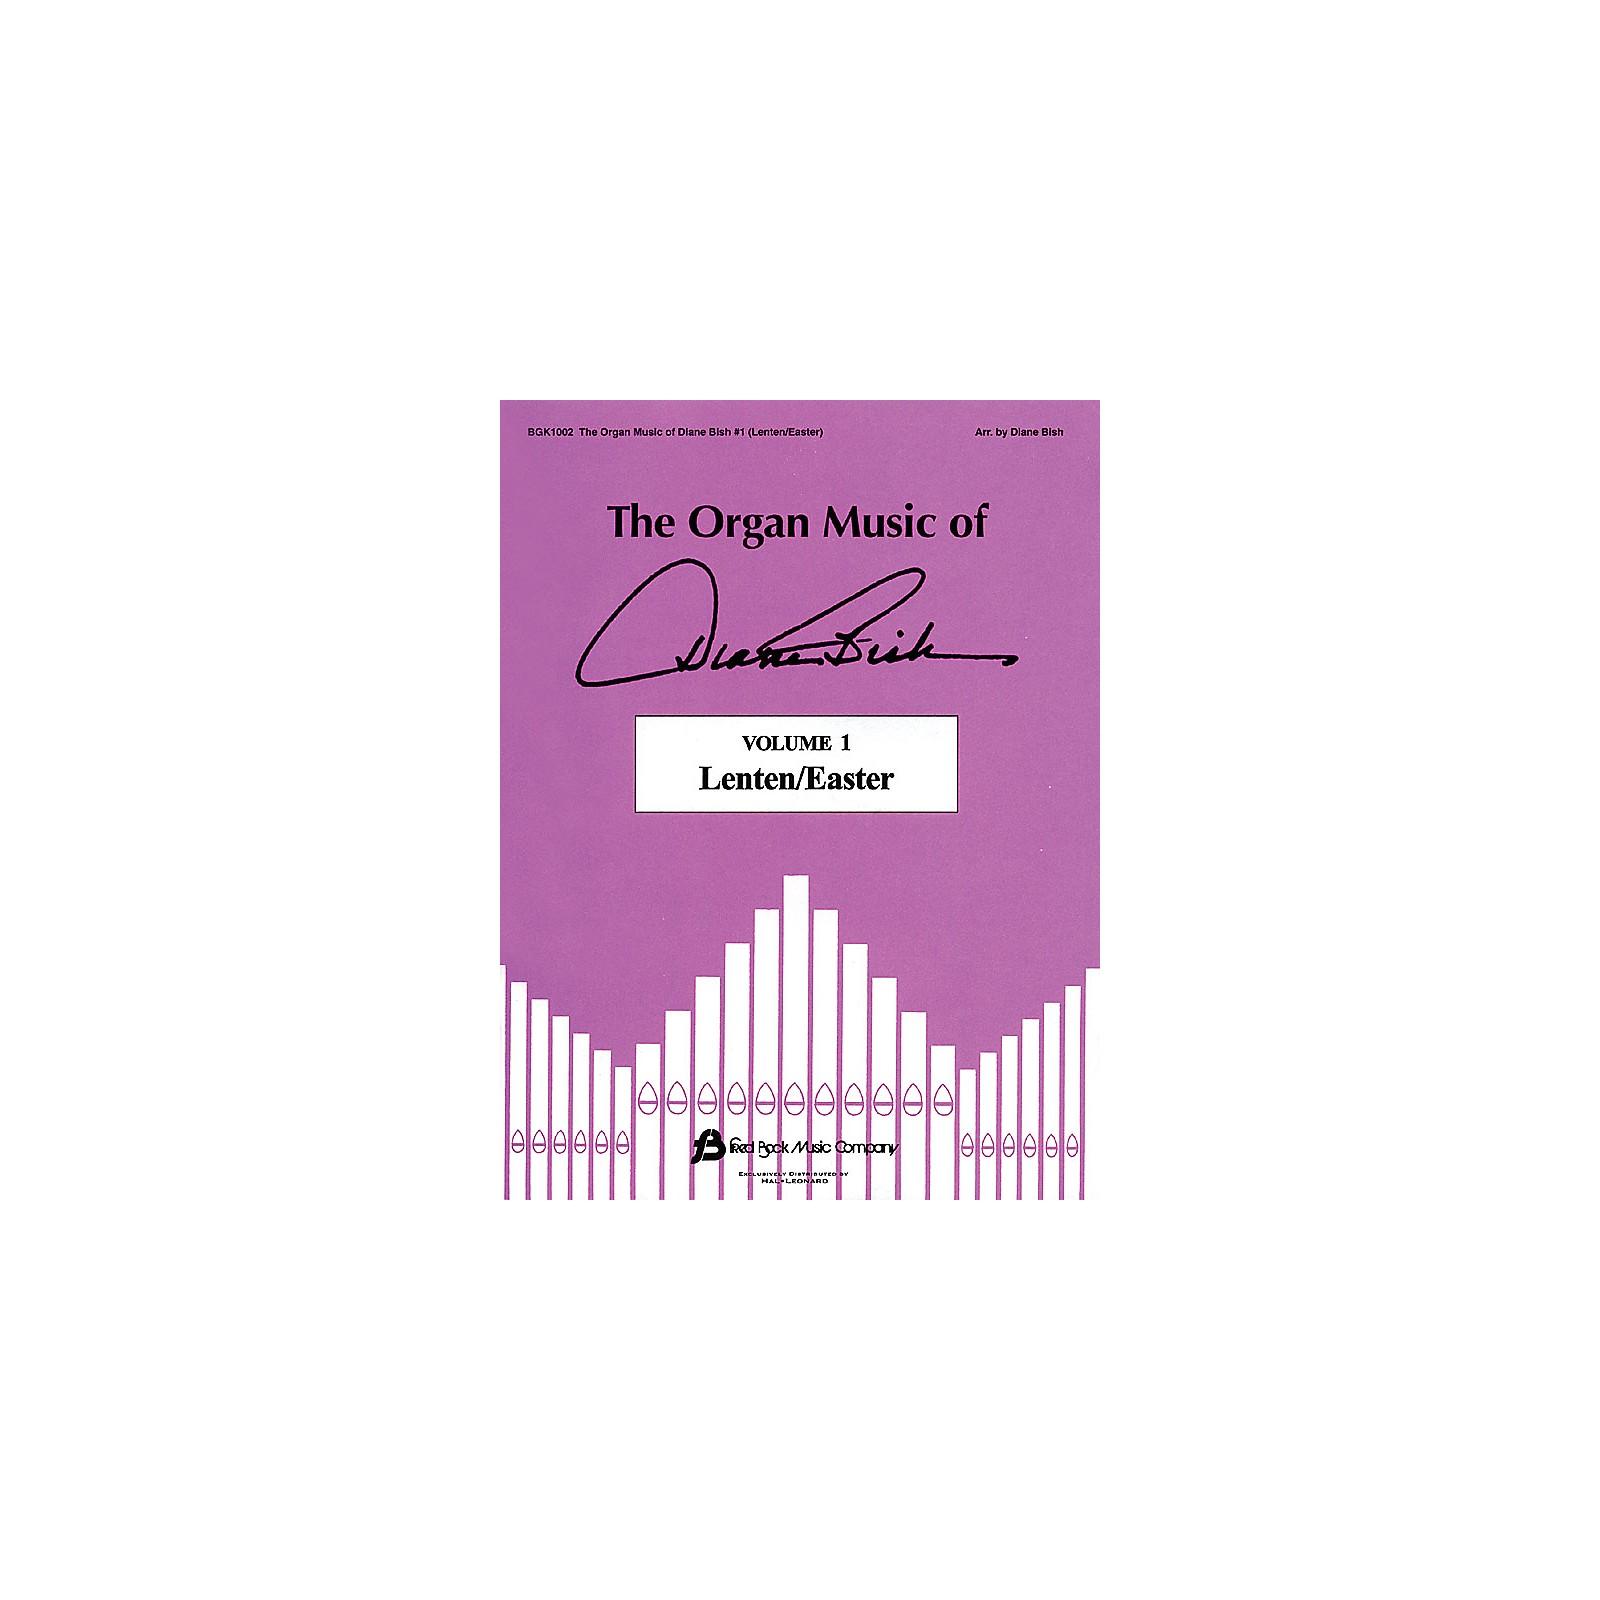 Fred Bock Music The Organ Music of Diane Bish - Lenten/Easter, Volume 1 (Lenten/Easter) Arranged by Diane Bish